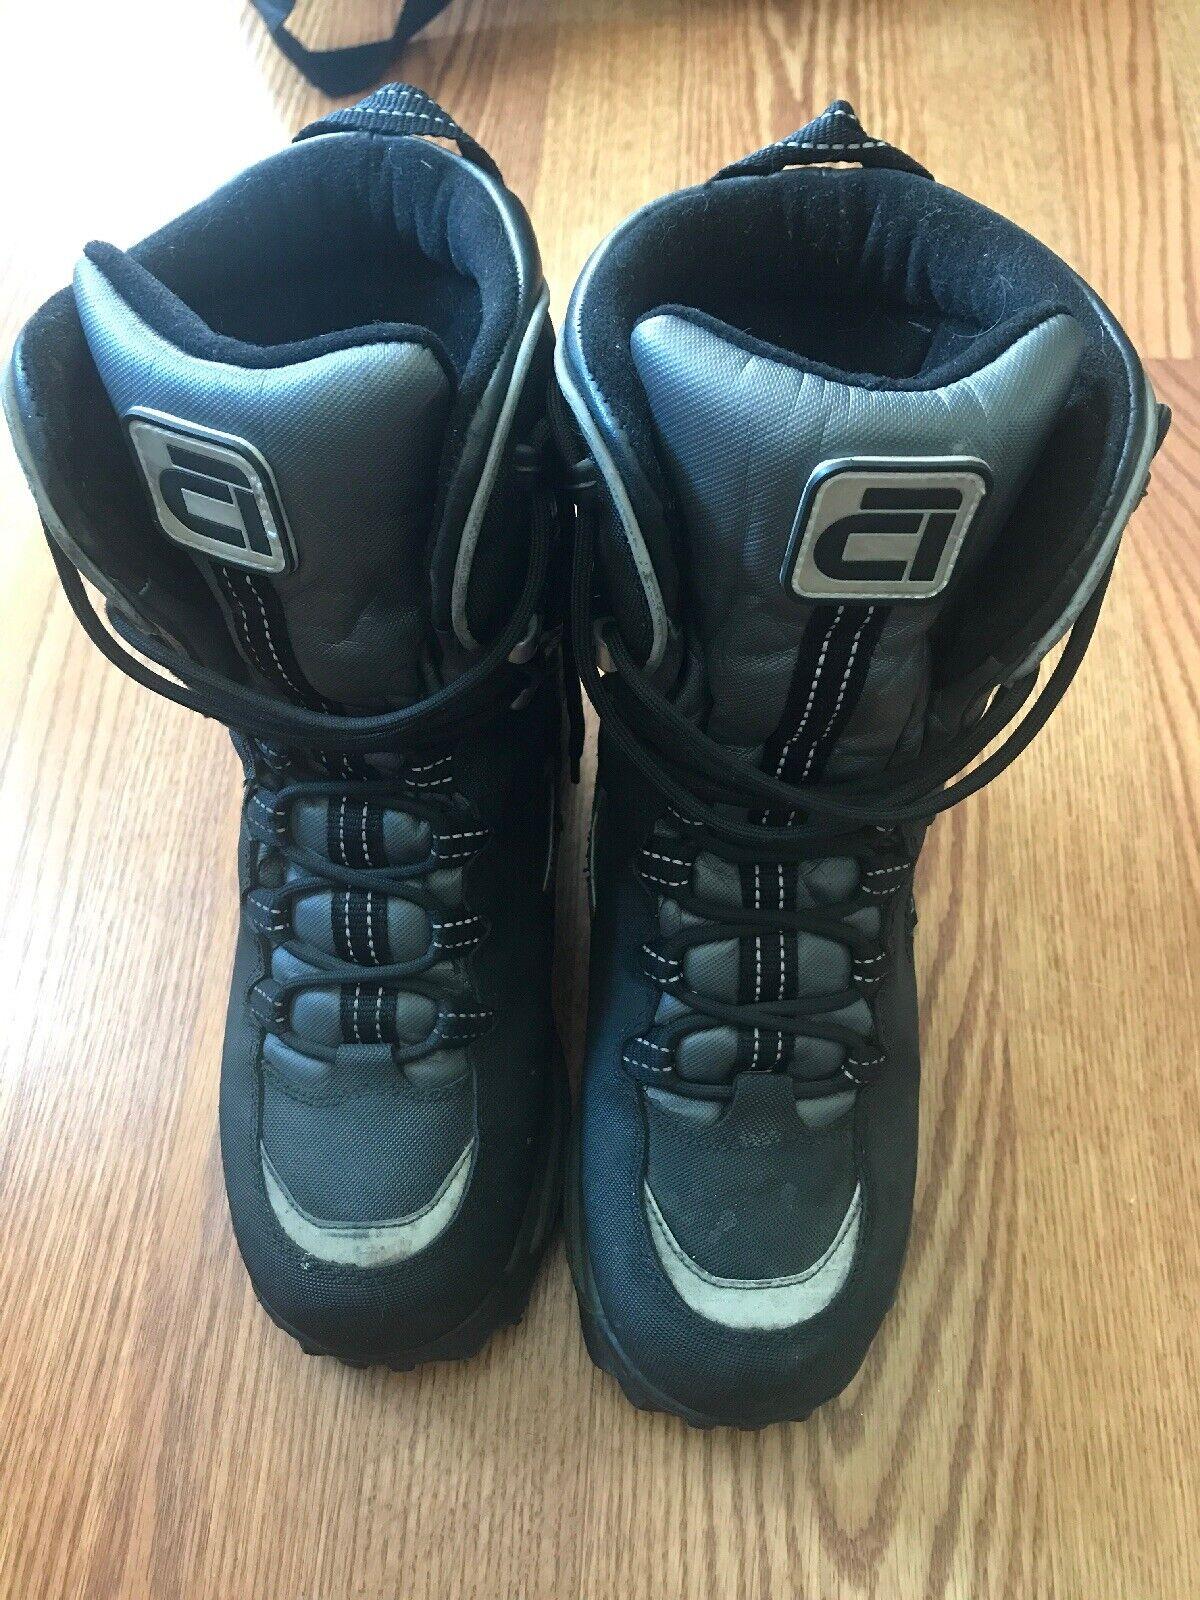 Altimate Escape II Mens thermolite winter snowmobile boots size 5